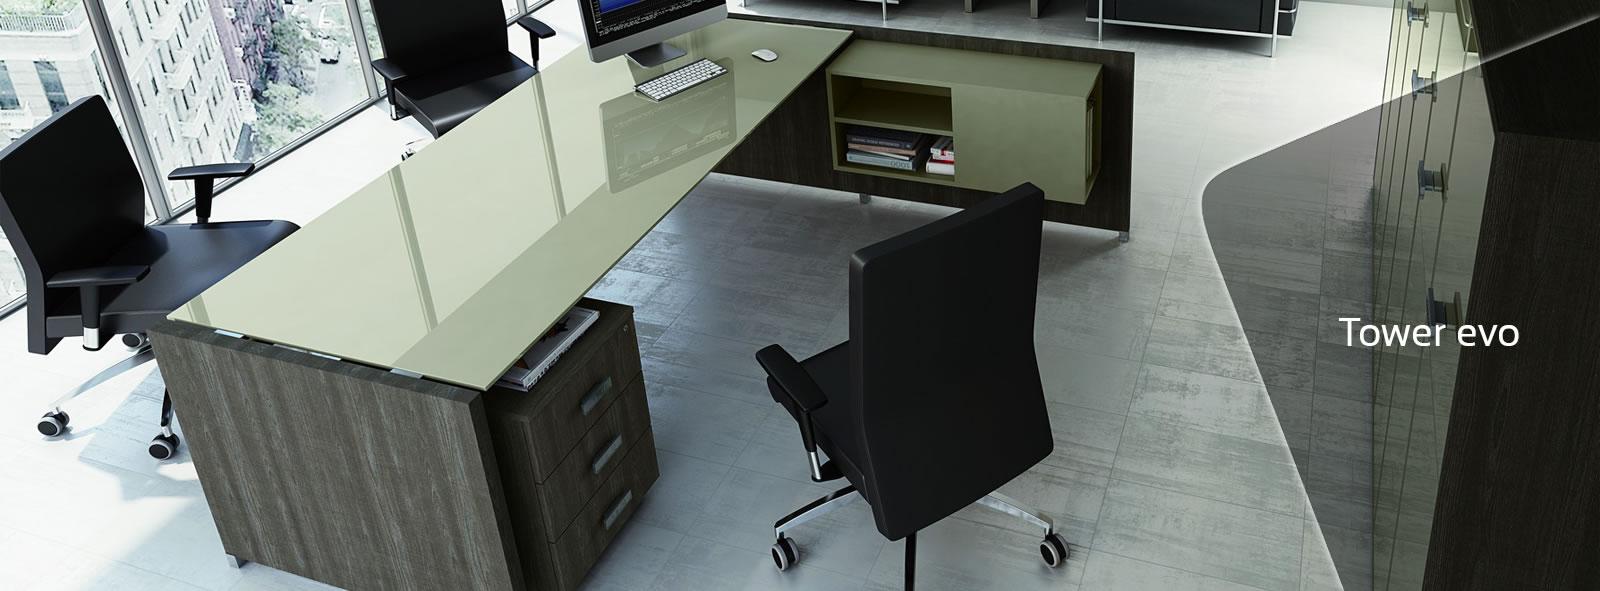 muebles para oficinas leon guanajuato muebles de oficina